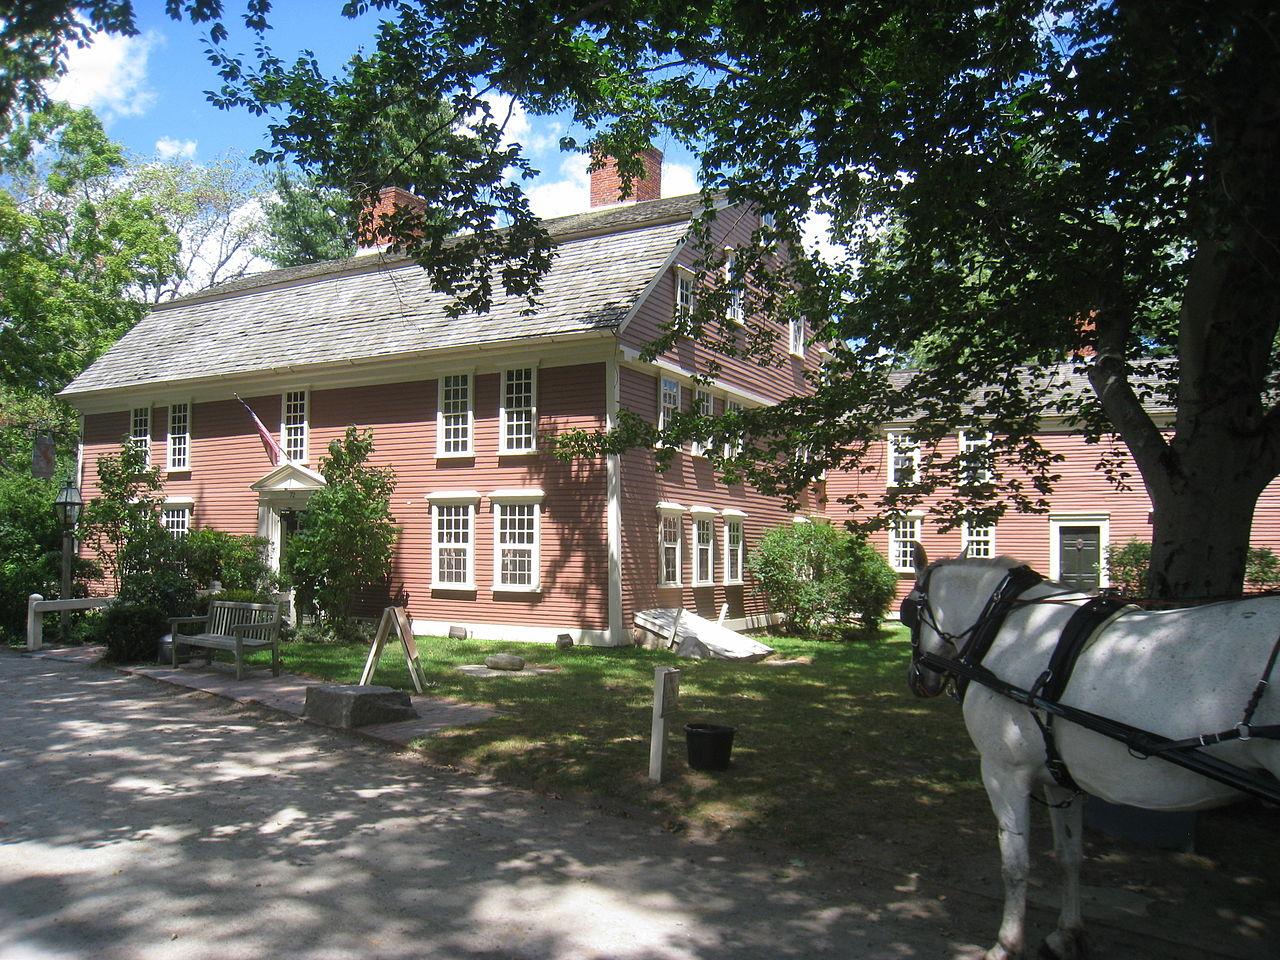 Longfellow's Wayside Inn, Massachusetts, oldest bars